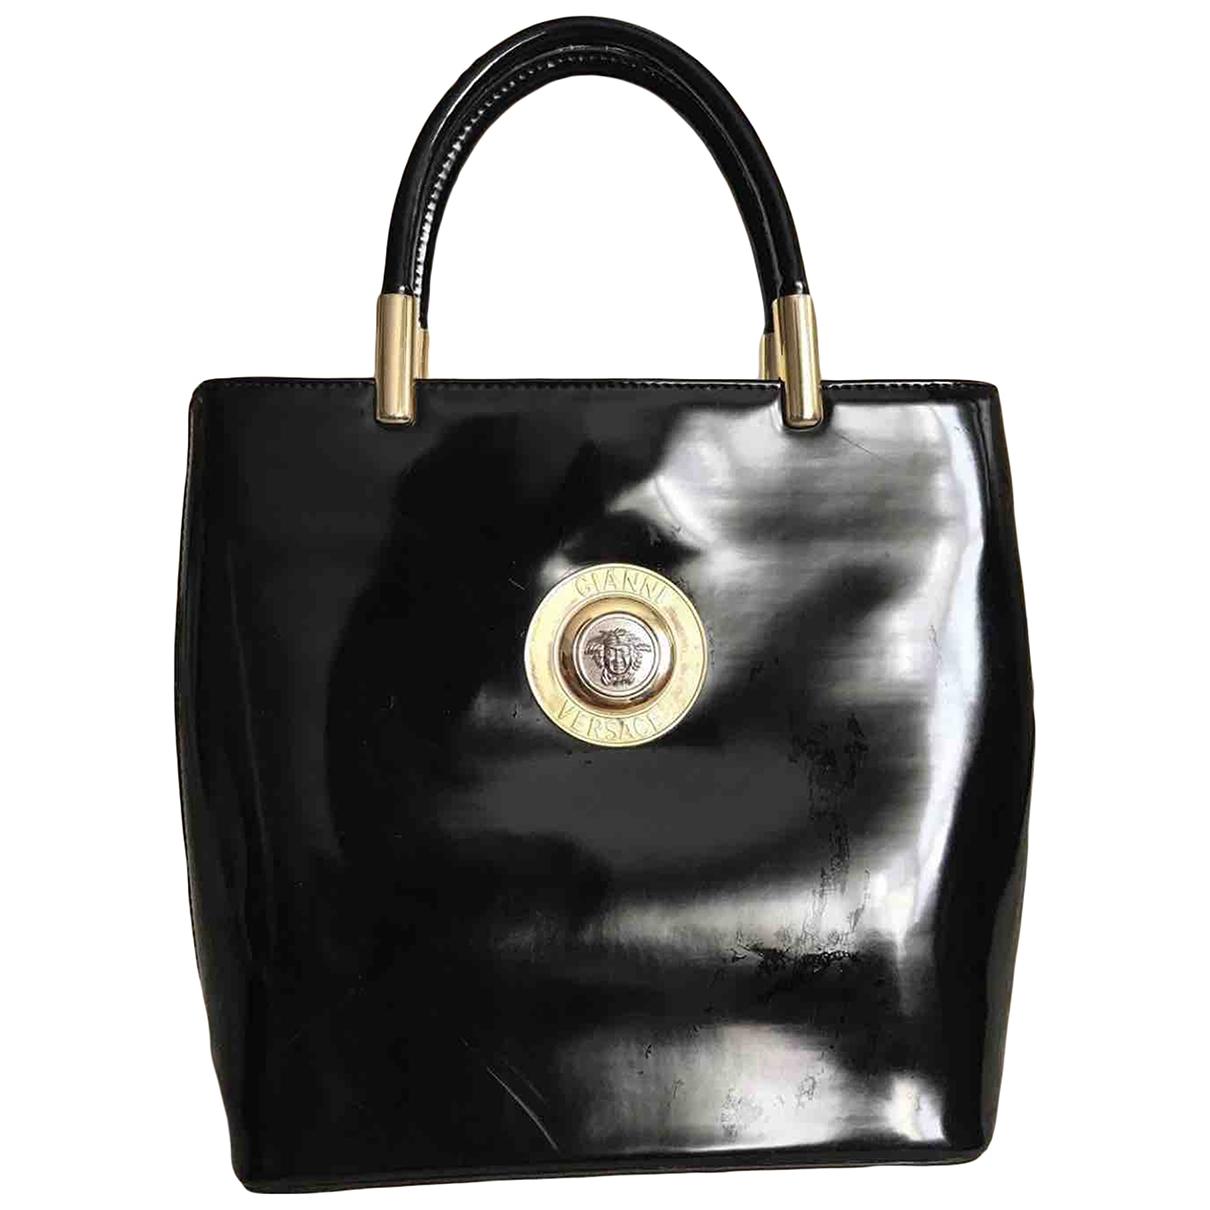 Gianni Versace - Sac a main   pour femme en cuir verni - noir